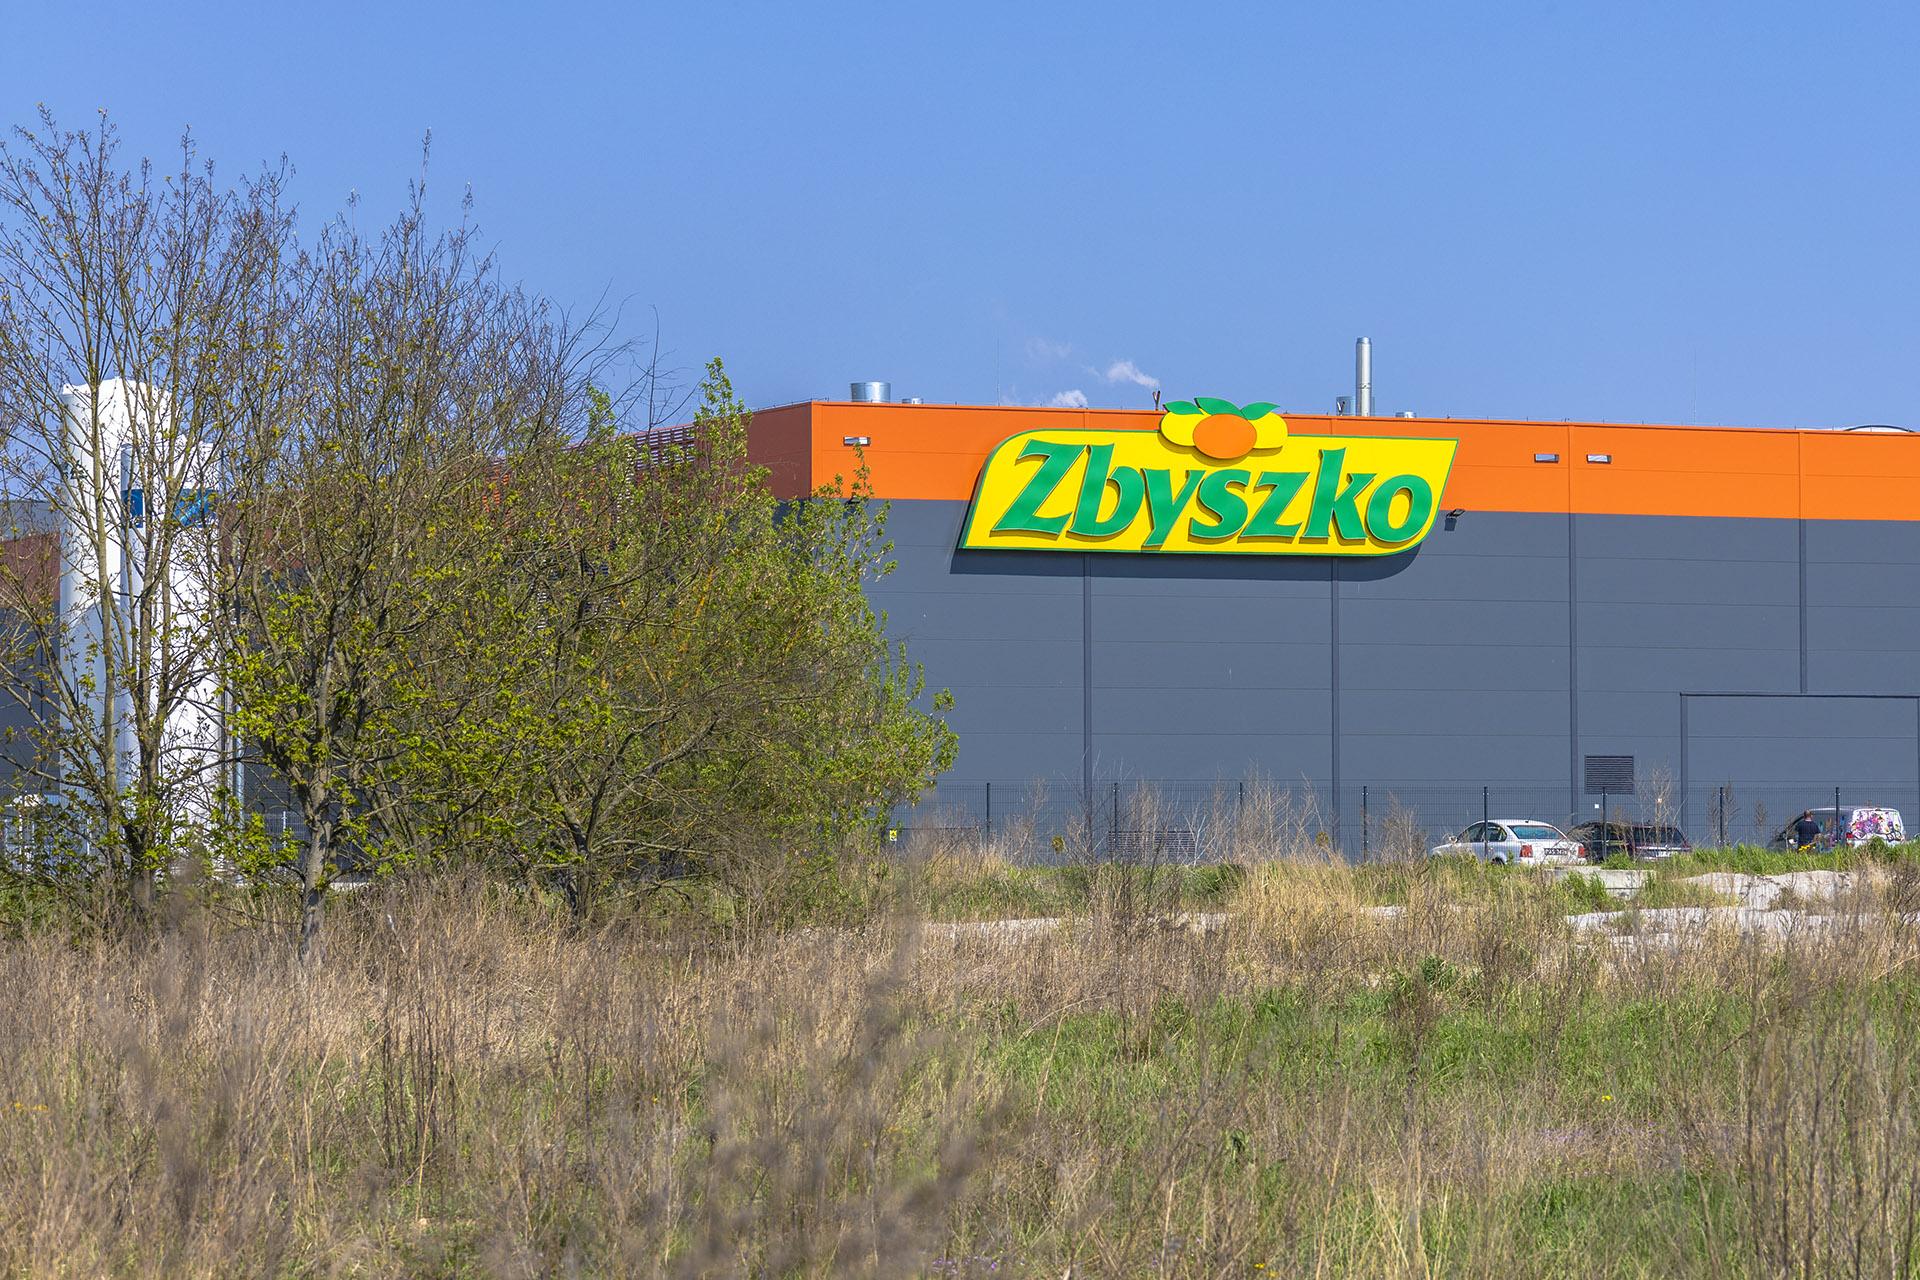 Fabryka napojów Zbyszko w Strefie Przemysłowej przy ulicy Młodych. Fot. Marcin Maziarz